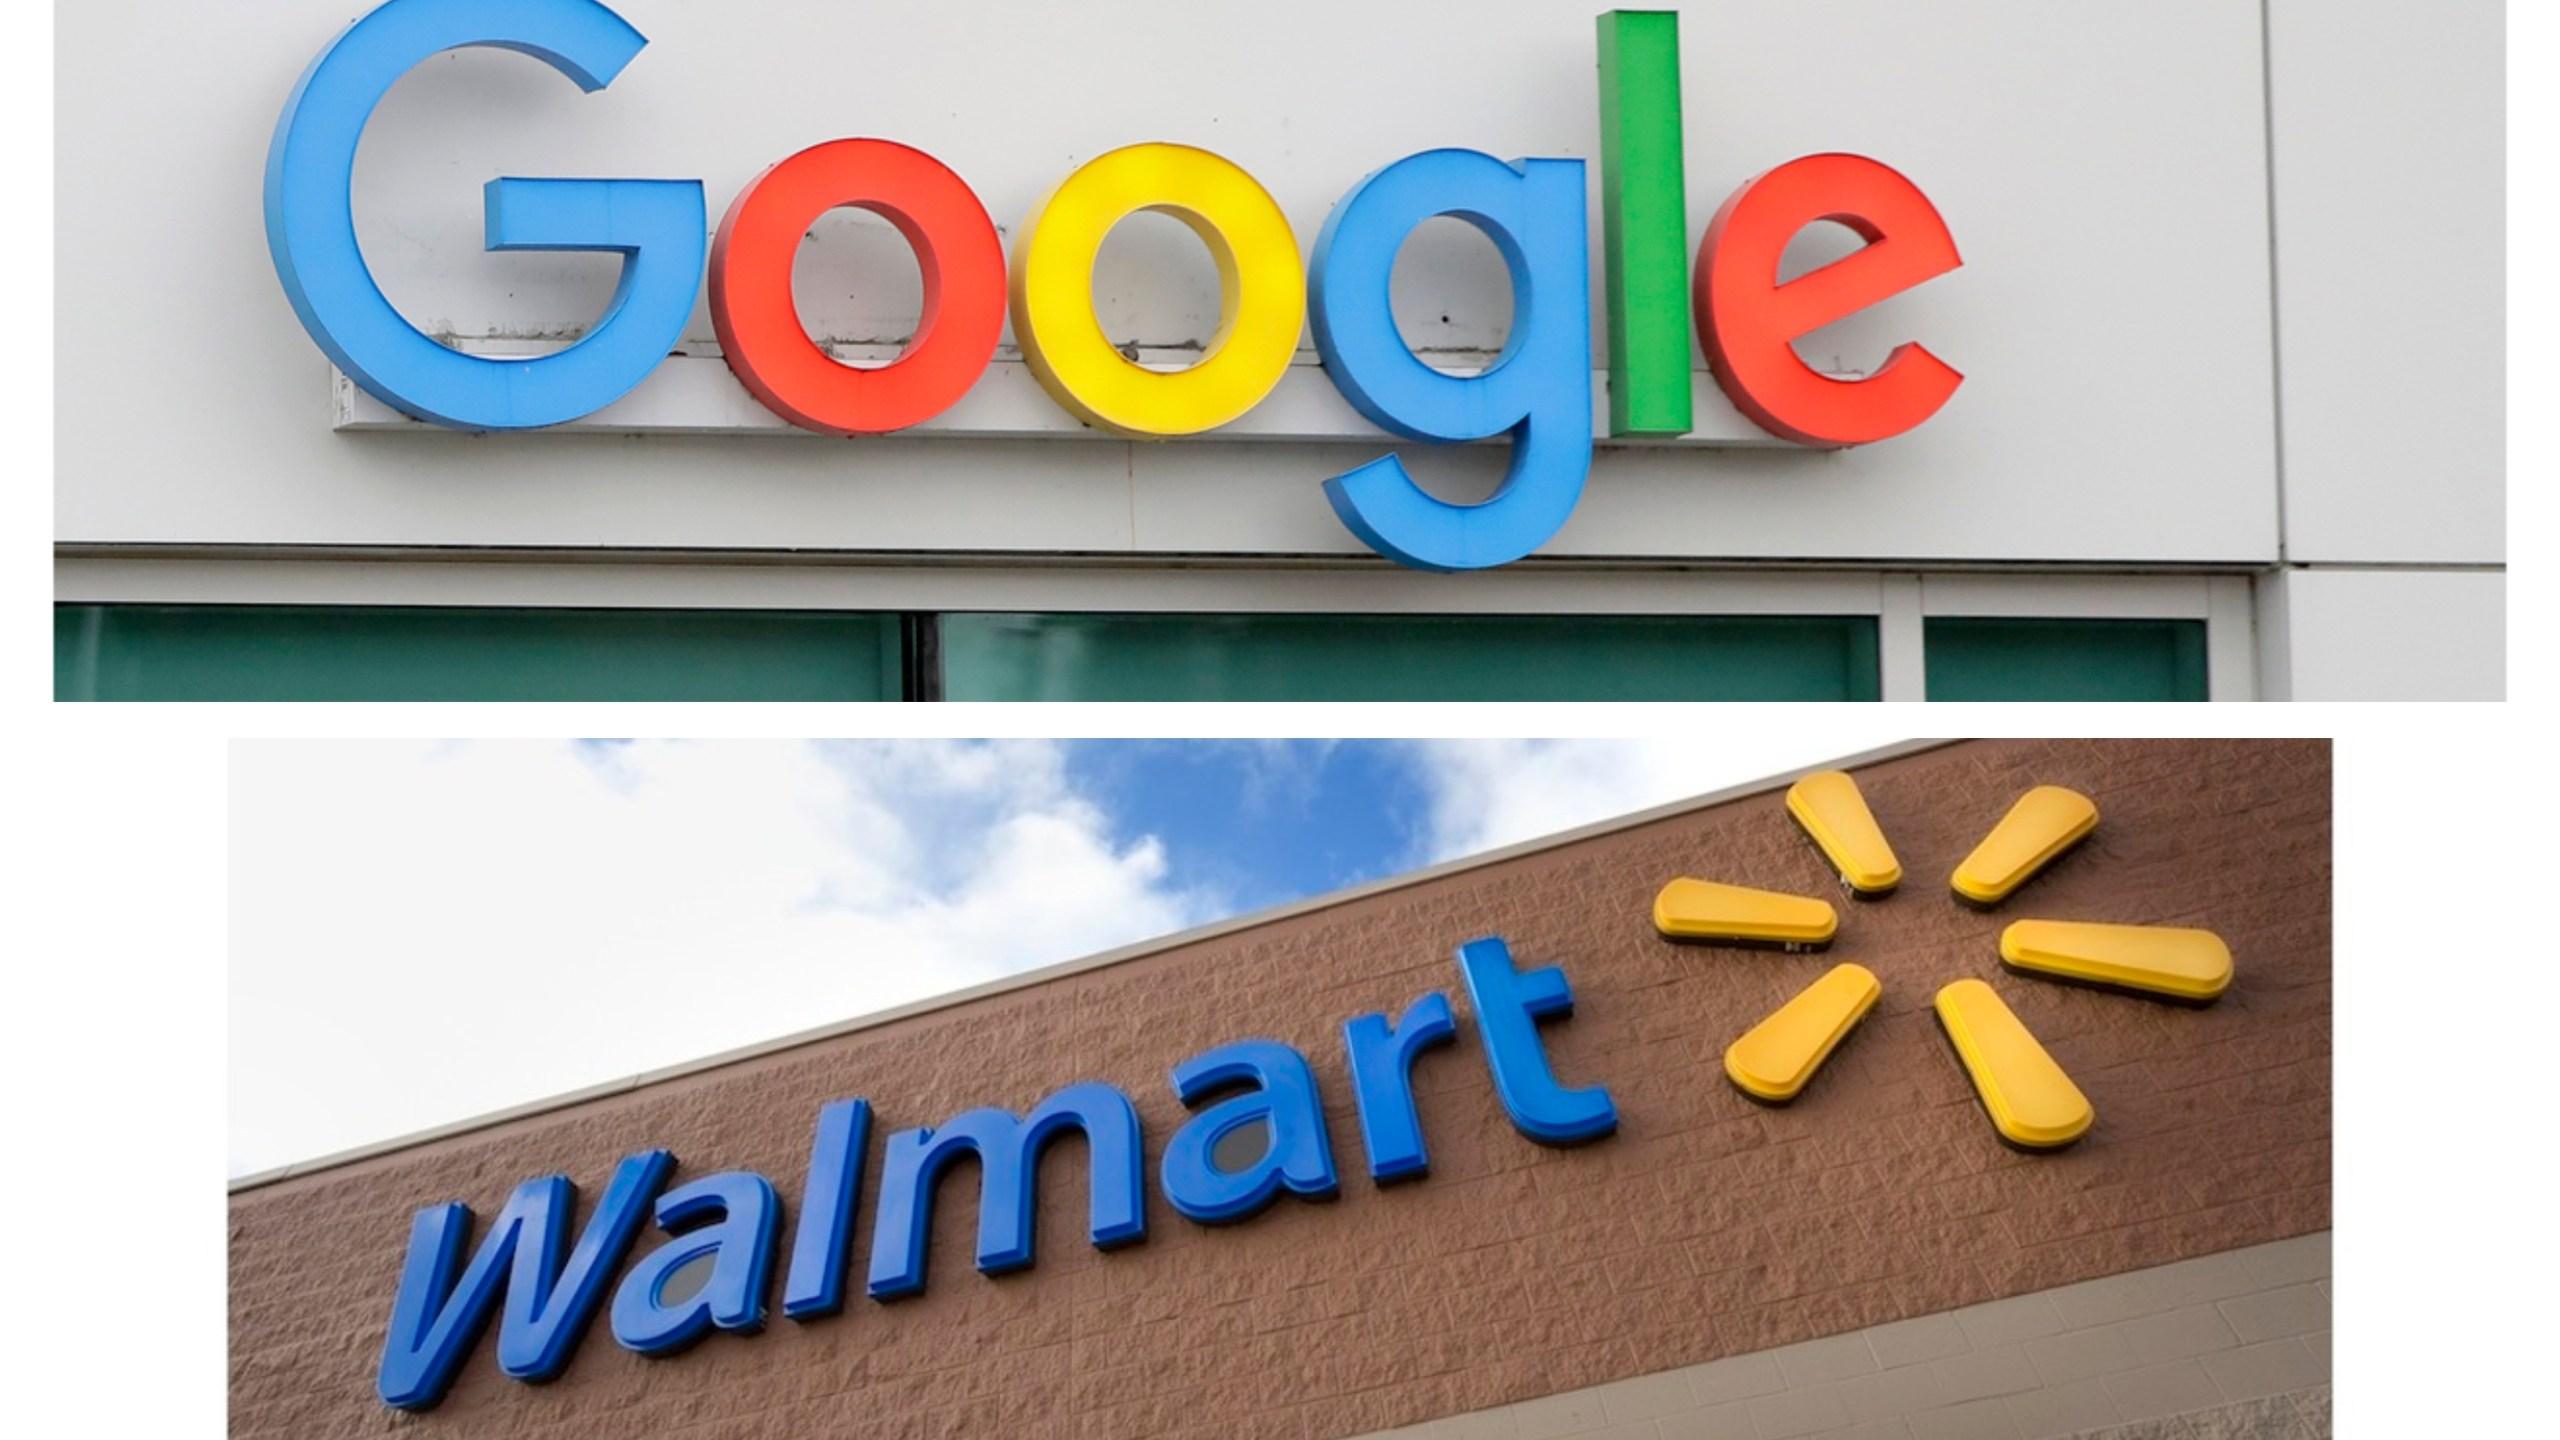 Google Walmart_1554240356402.jpg.jpg